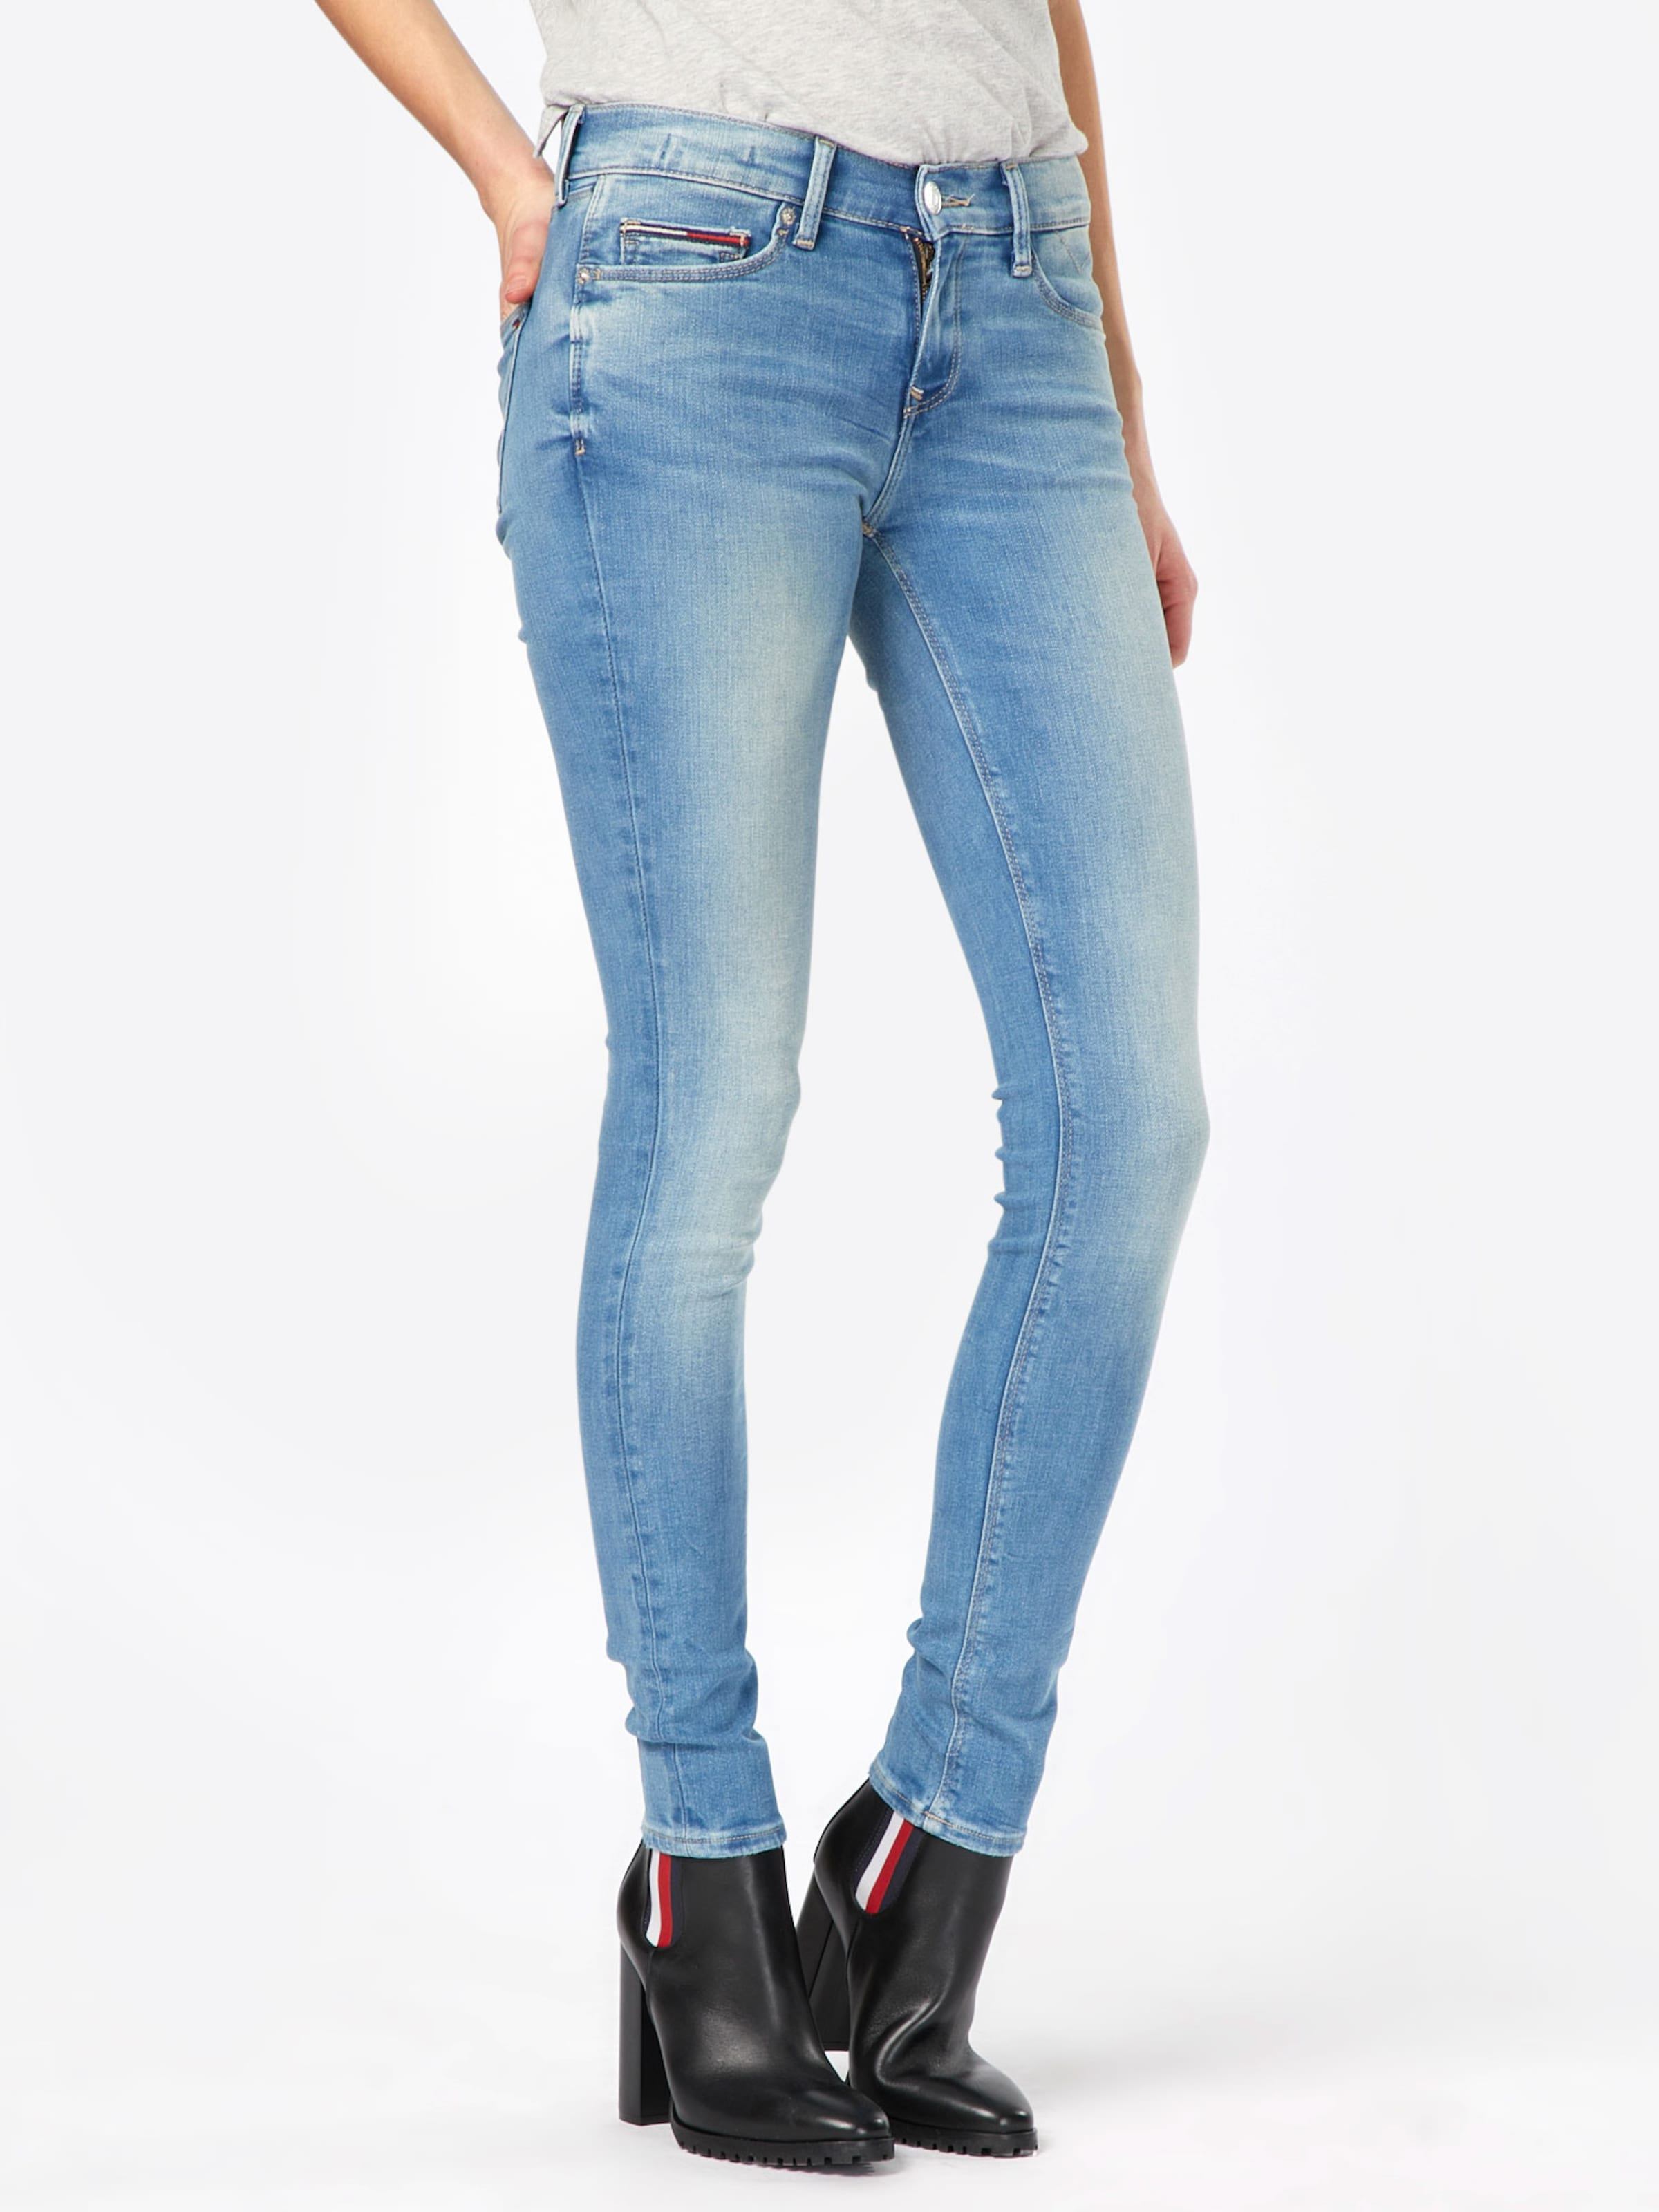 Verkauf Angebote Tommy Jeans Skinny Jeans 'NORA' Billig Authentisch Auslass Viele Arten Von xj9zOkH